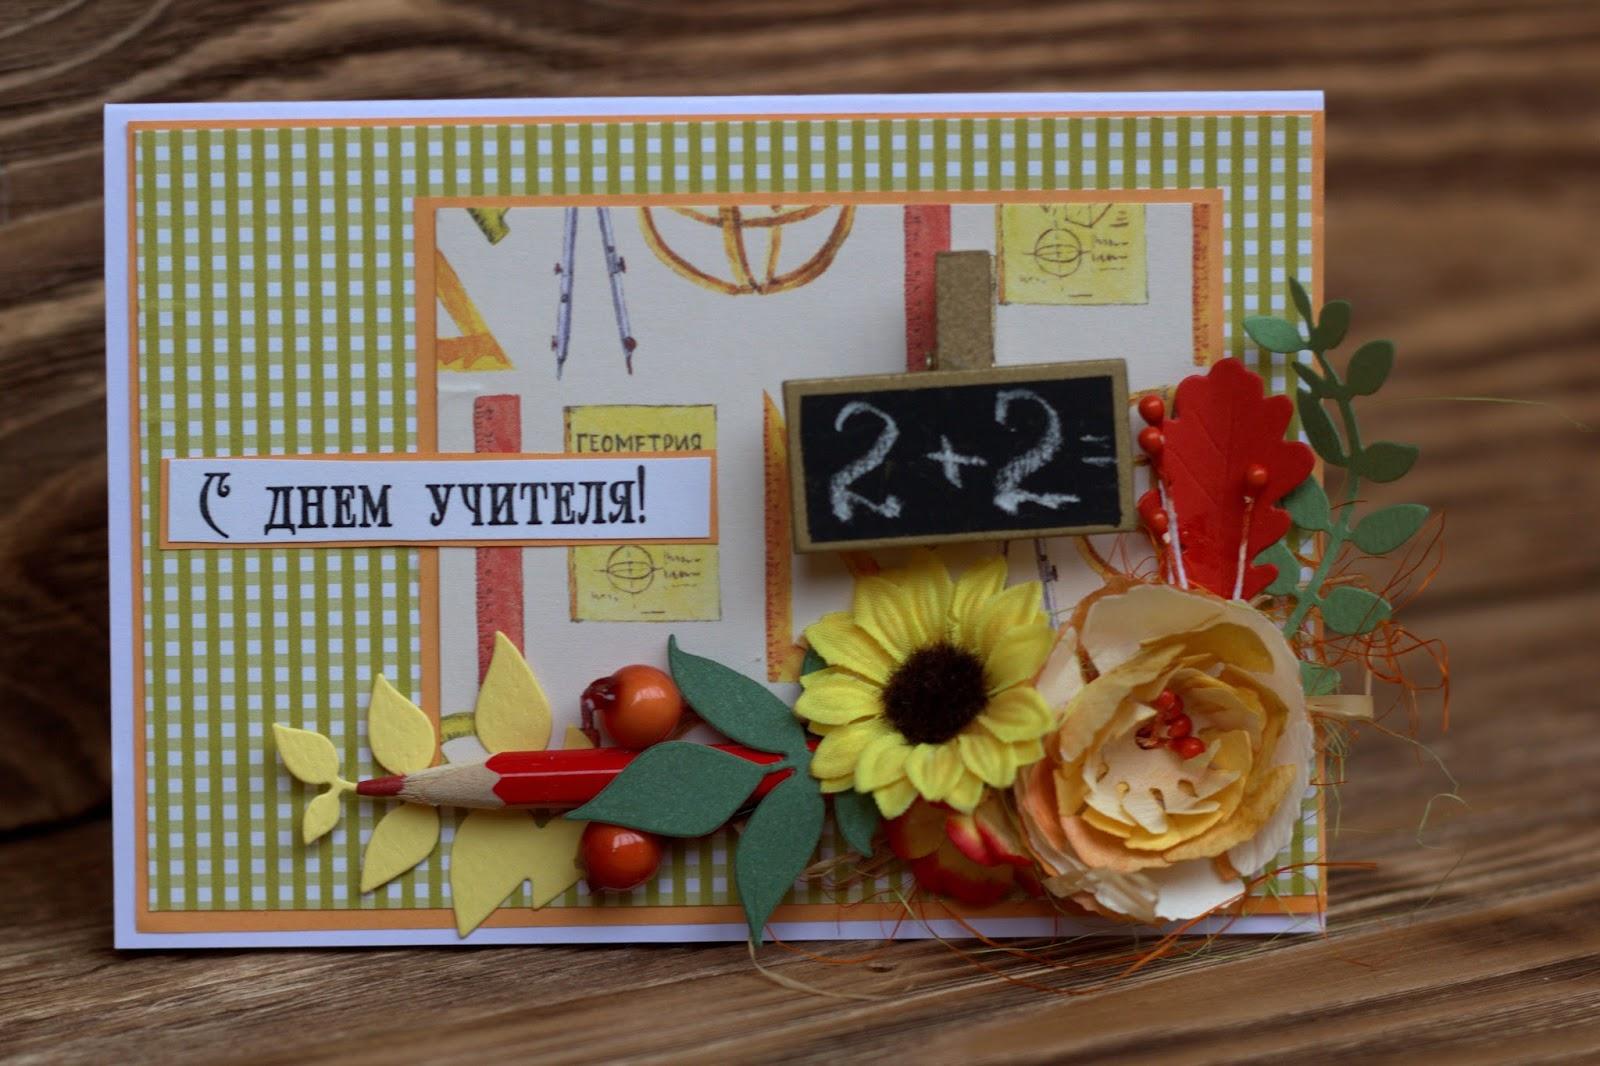 Изнутри скрапбукинг, открытки к дню учителя по математика